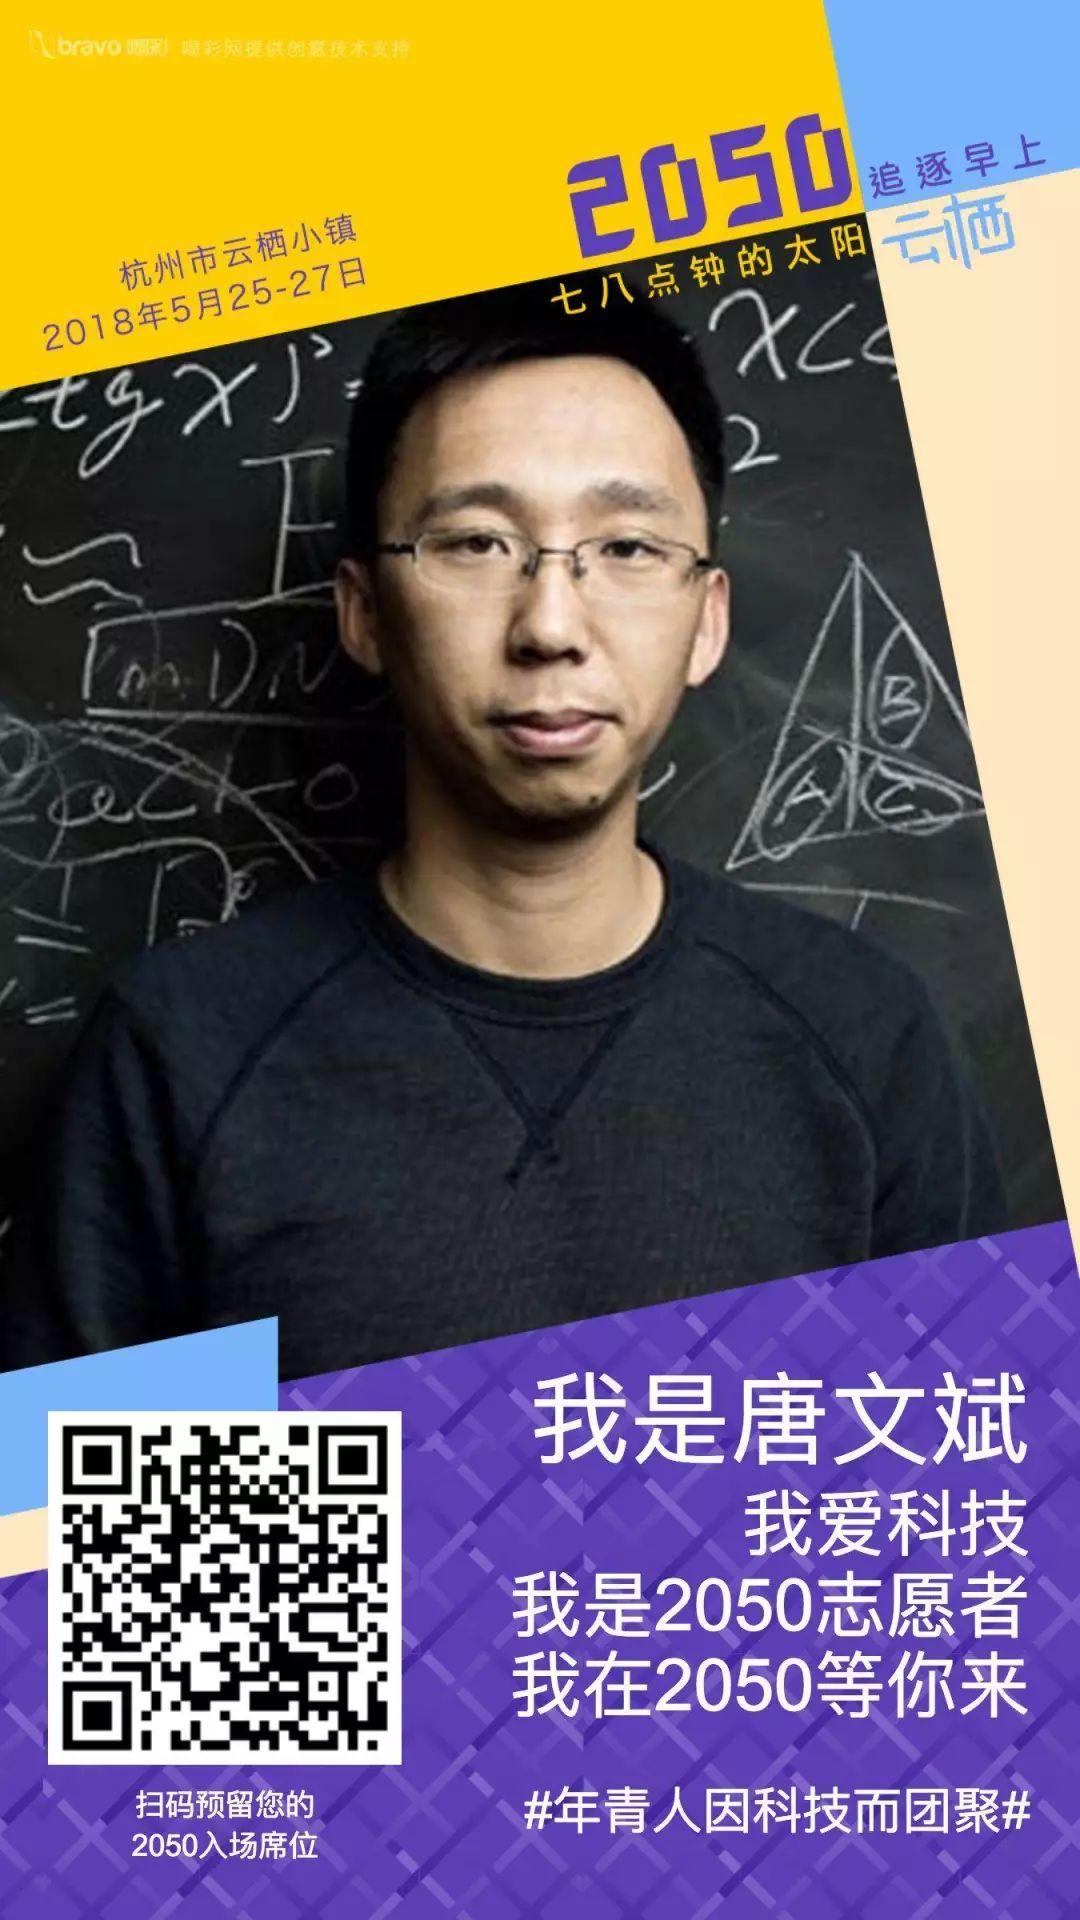 唐文斌:从清华姚班到Face++创业,我是怎么开始做机器学习的?